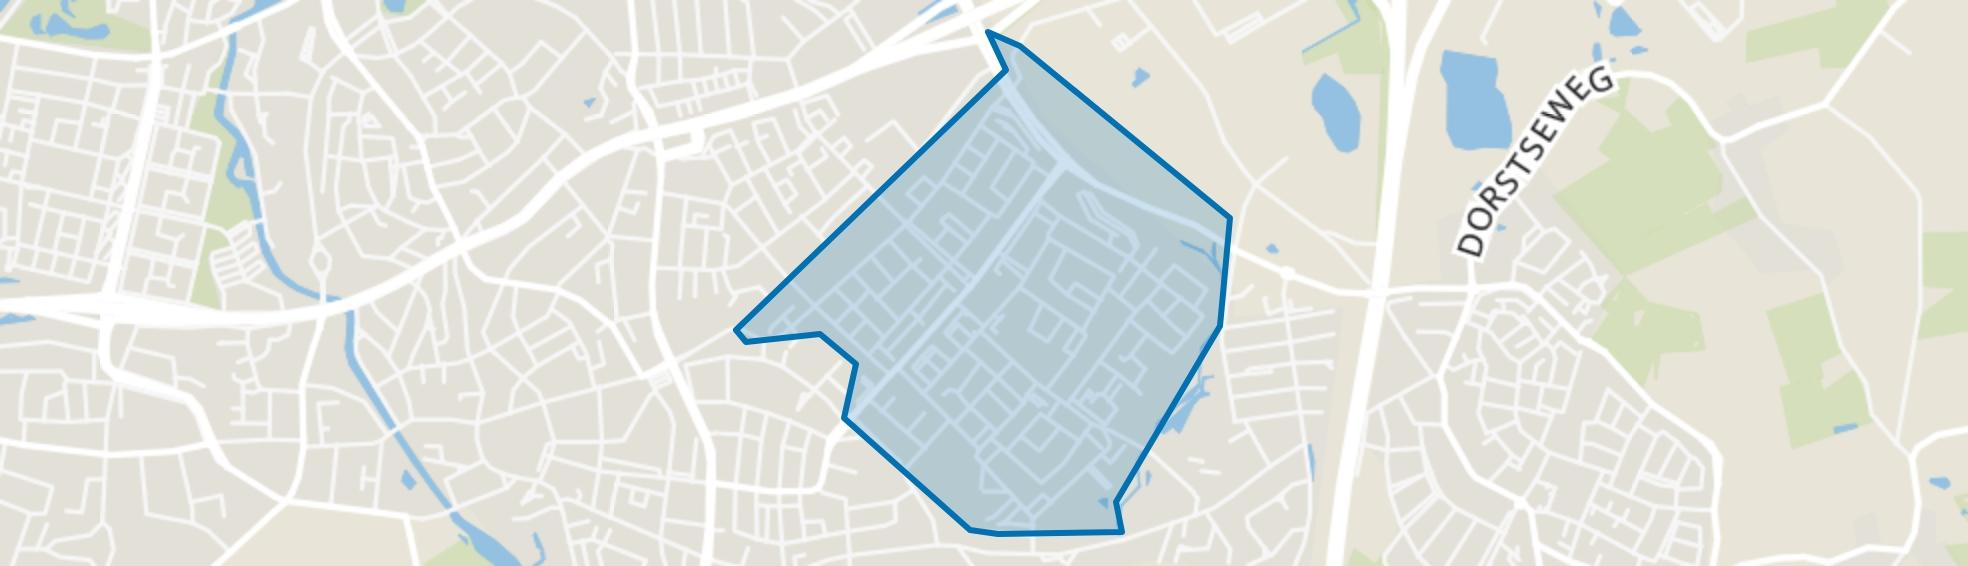 Ypelaar, Breda map